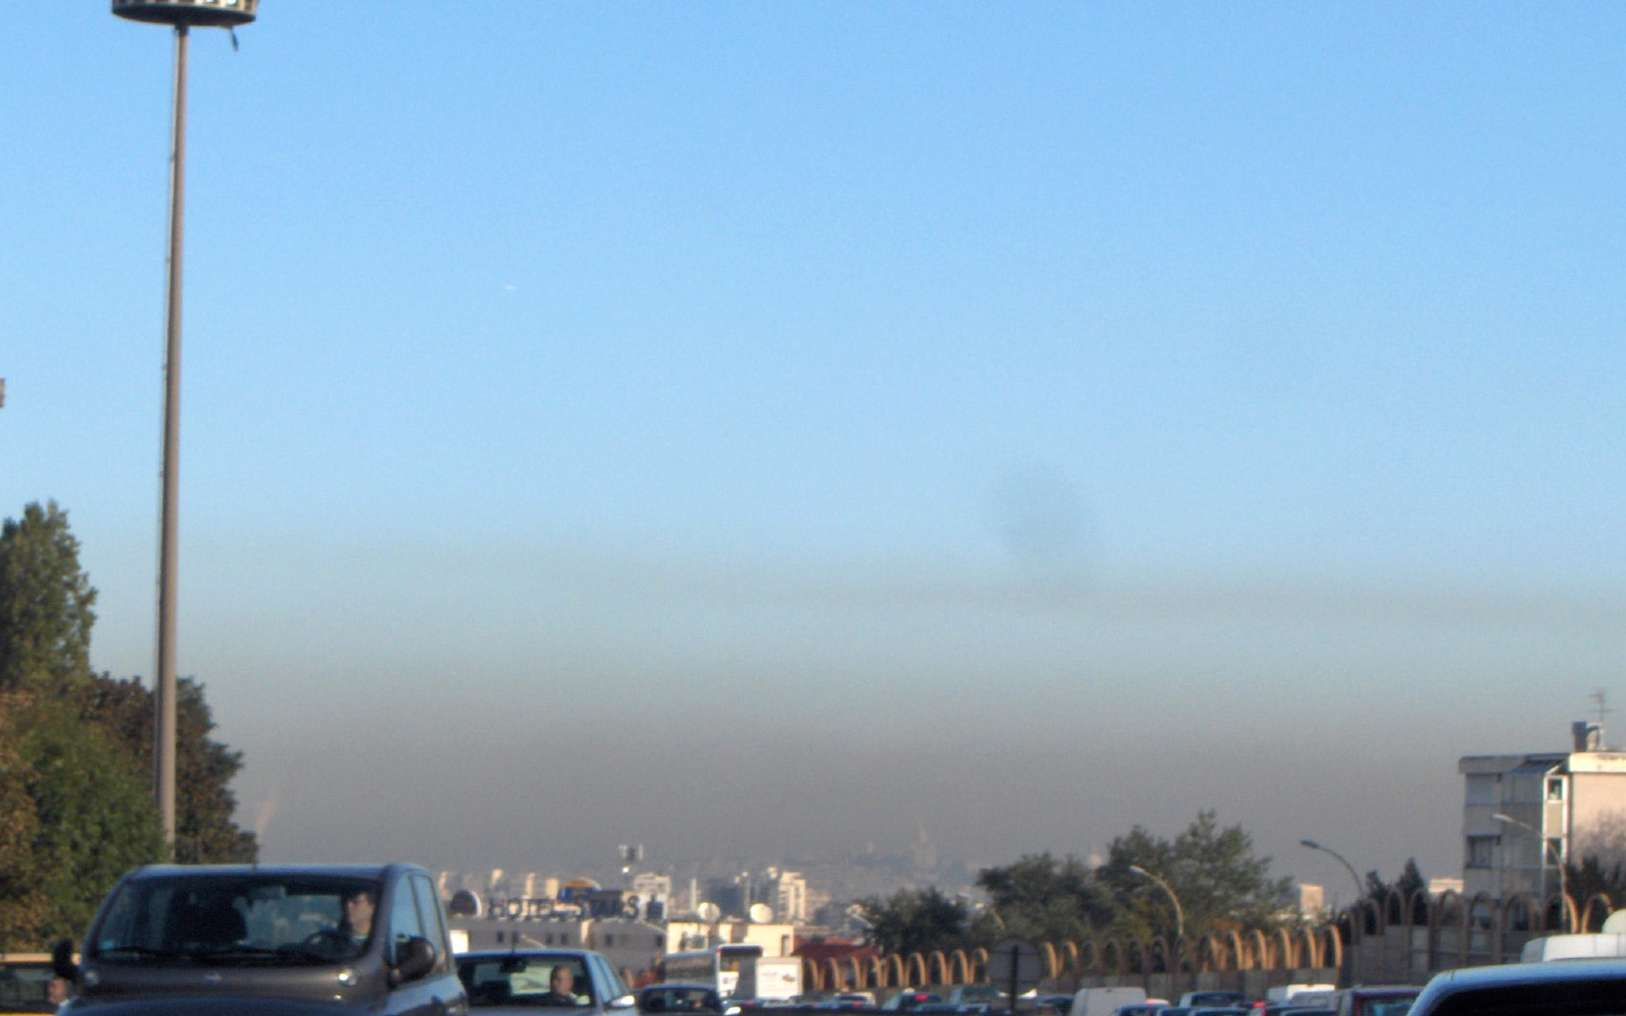 Les épisodes de pollution à l'ozone sont fréquents à Paris. Lorsqu'un événement survient, les personnes fragiles doivent éviter les activités physiques intenses. Les PM10 pénètrent dans le système respiratoire et peuvent causer des troubles cardiovasculaires. © Céréales Killer, Wikimedia Commons, GNU 1.2